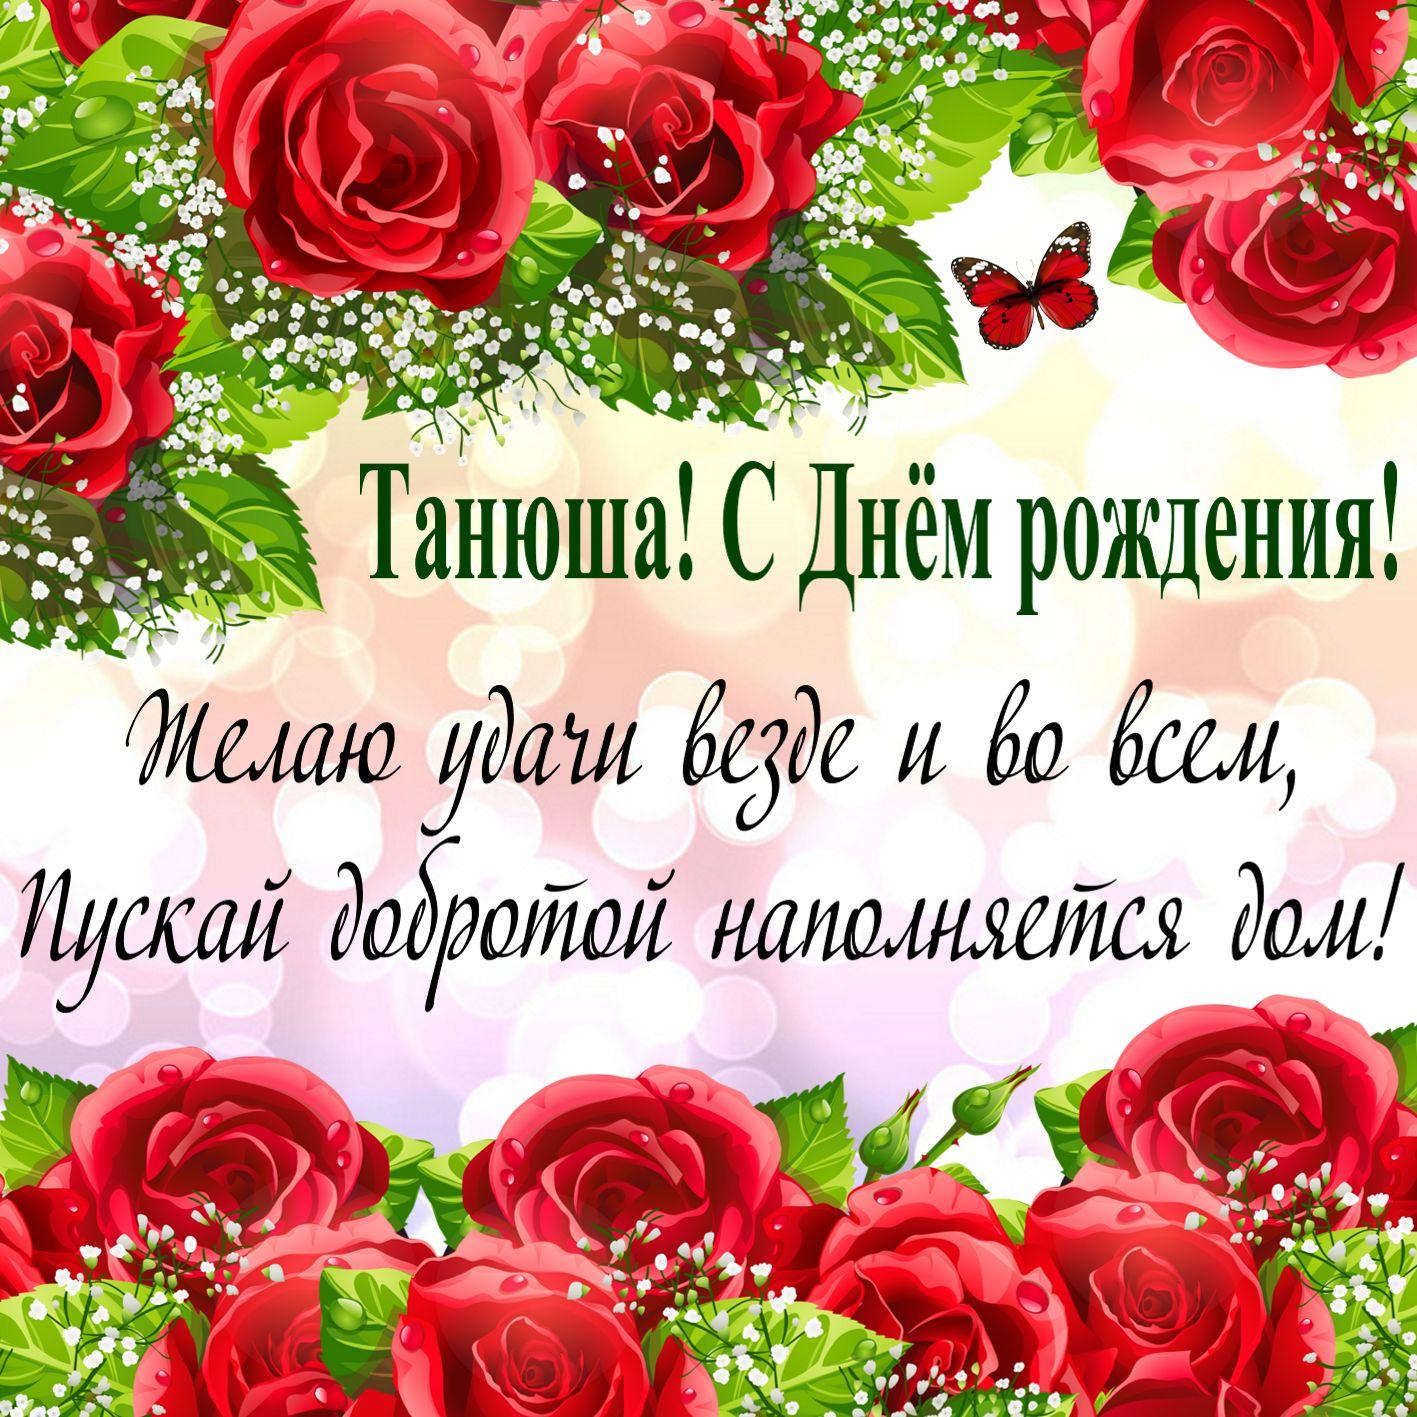 Красные розы и пожелание для Танюши